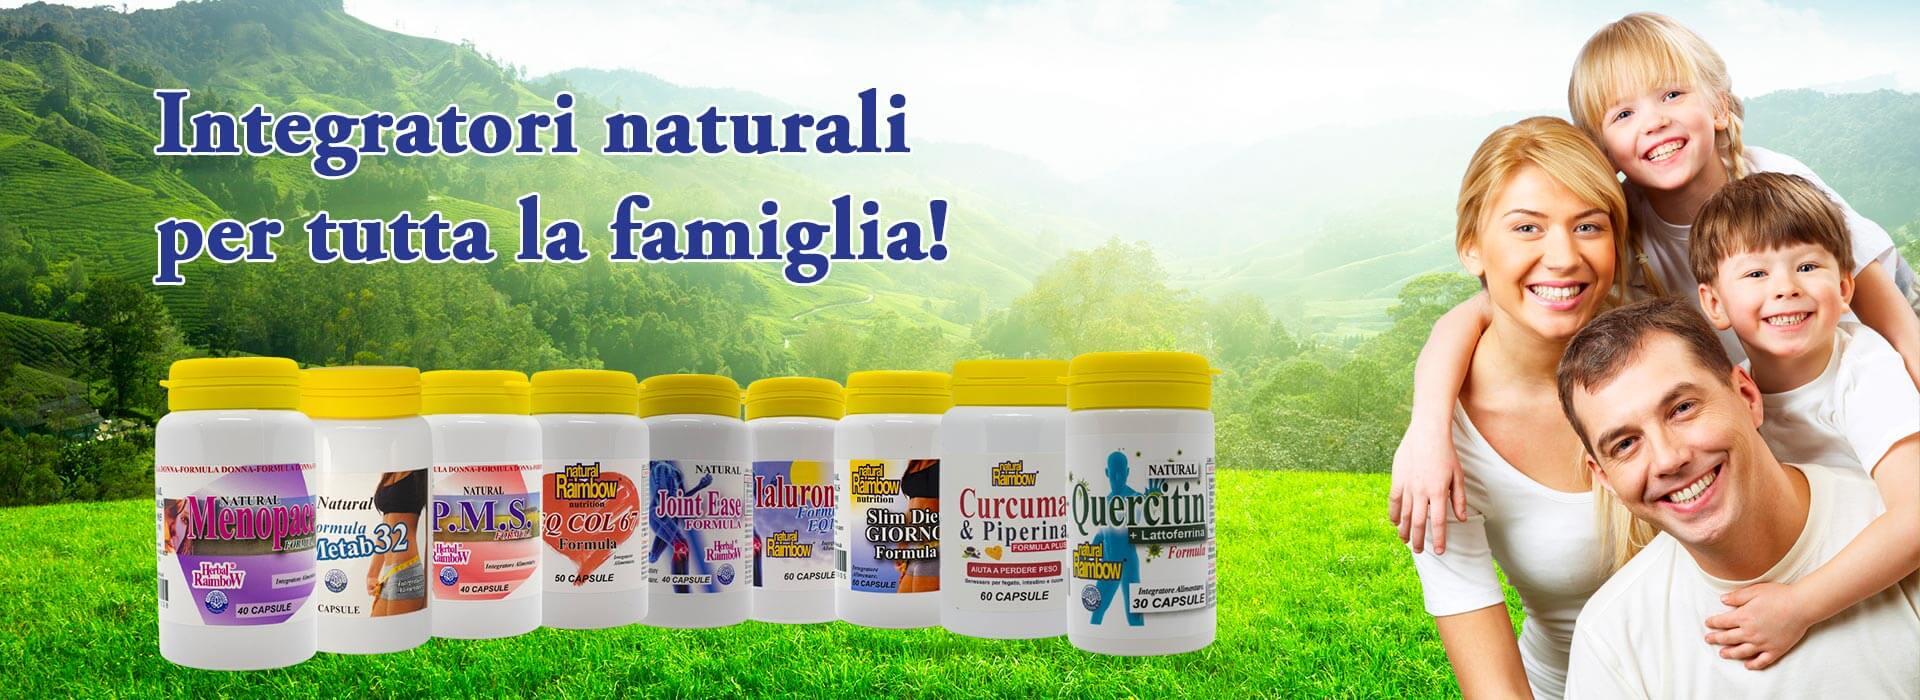 Natural Inca per tutta la famiglia